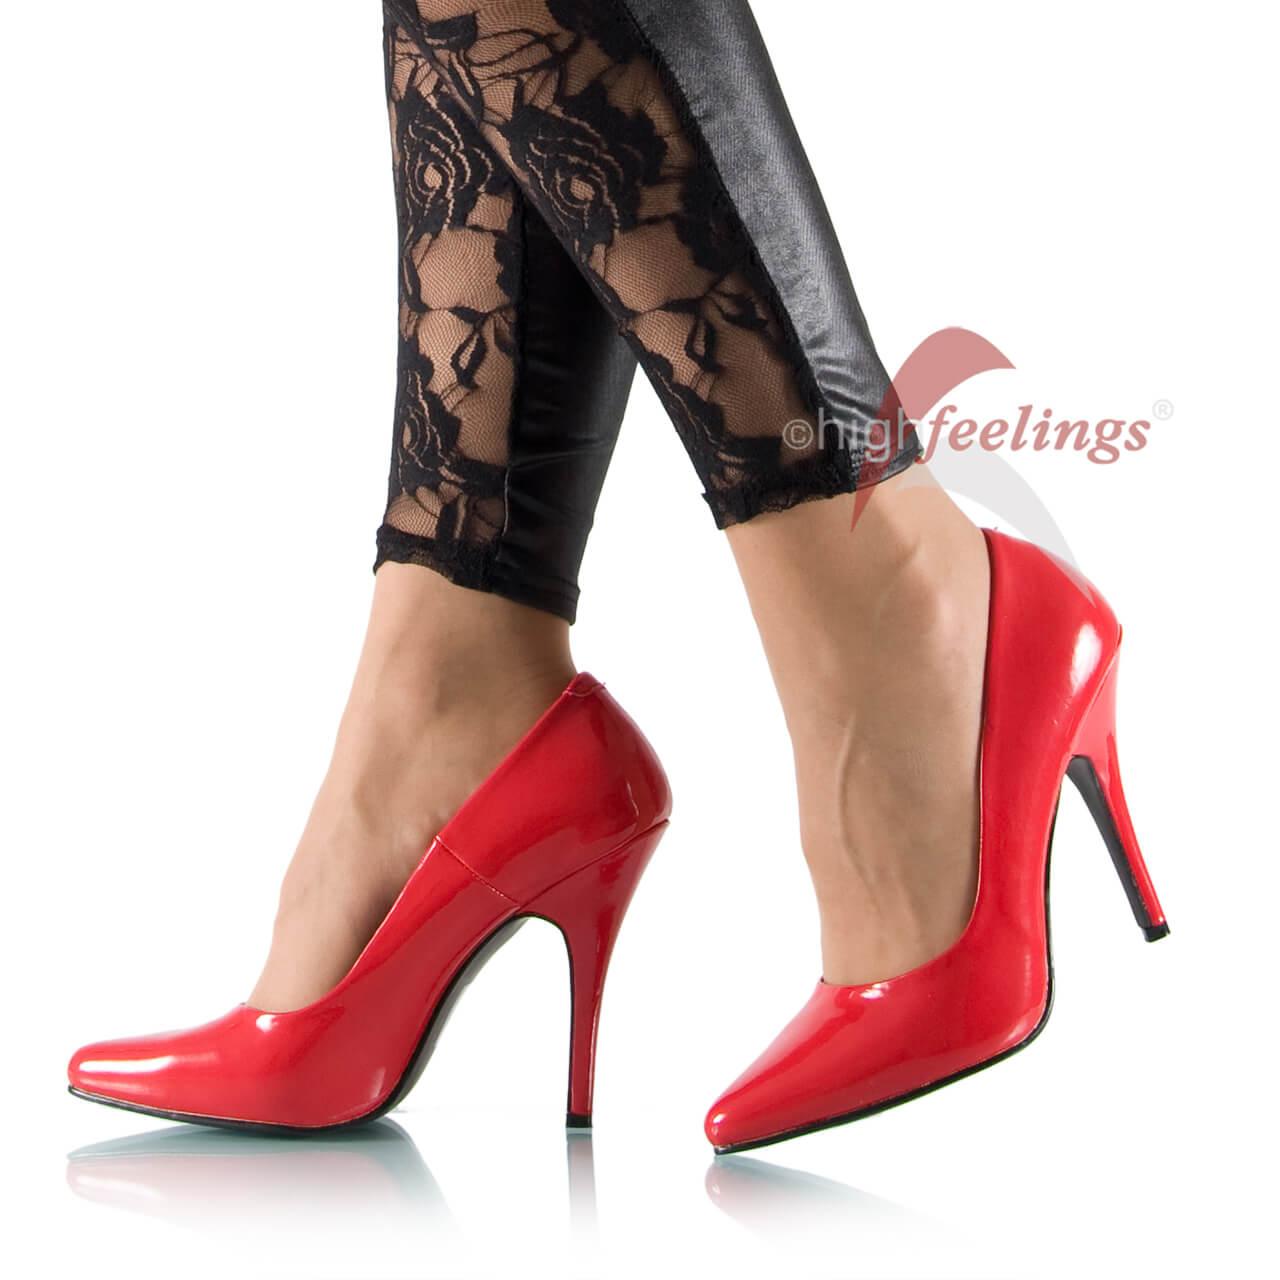 hohe schuhe der unterschied zwischen high heels und pumps high feelings. Black Bedroom Furniture Sets. Home Design Ideas